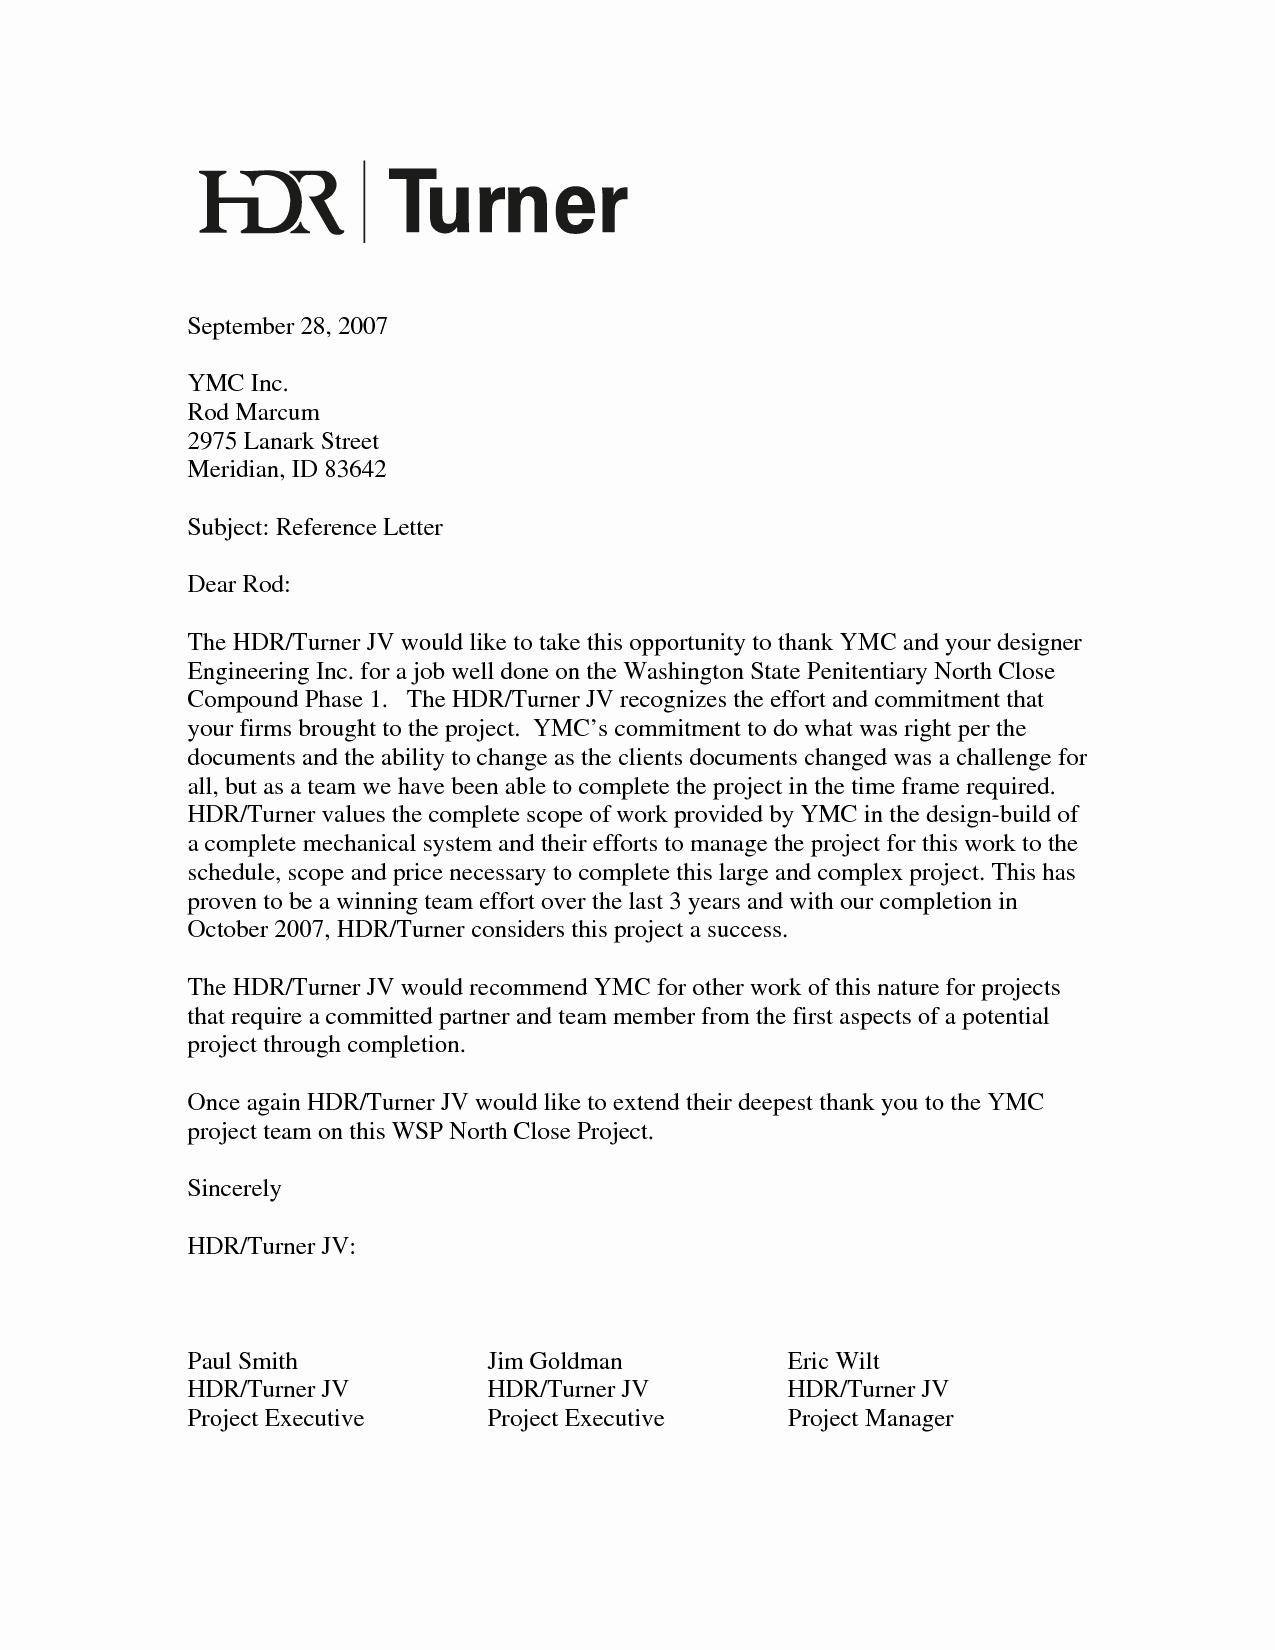 Referral Letter Sample for Employment New Sample Re Mendation Letter From Boss